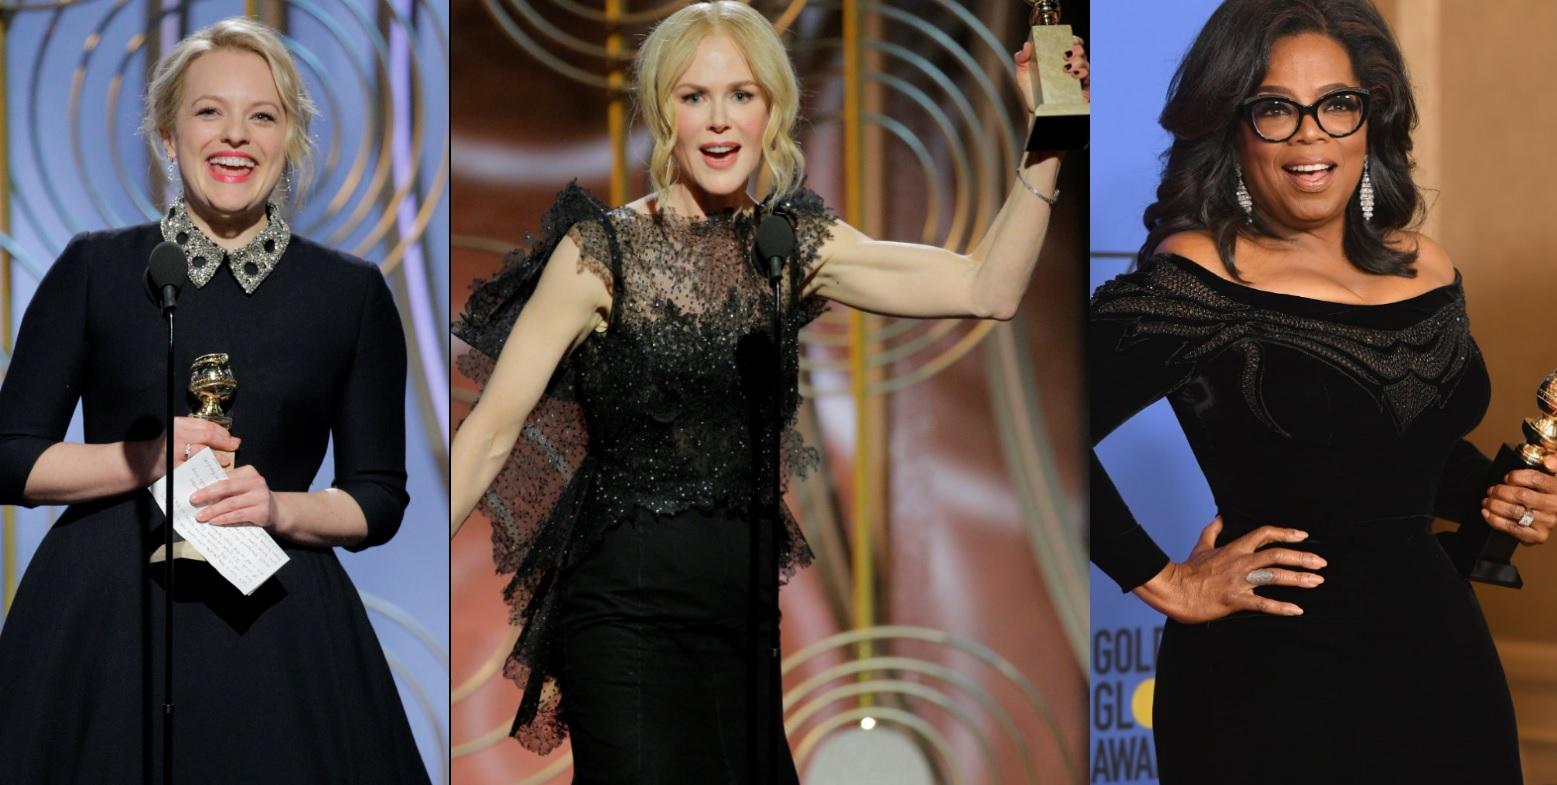 'Globo de Ouro 2018': discursos empoderados, The Handmaid's Tale, Big Little Lies e 'Três Anúncios Para um Crime' brilham